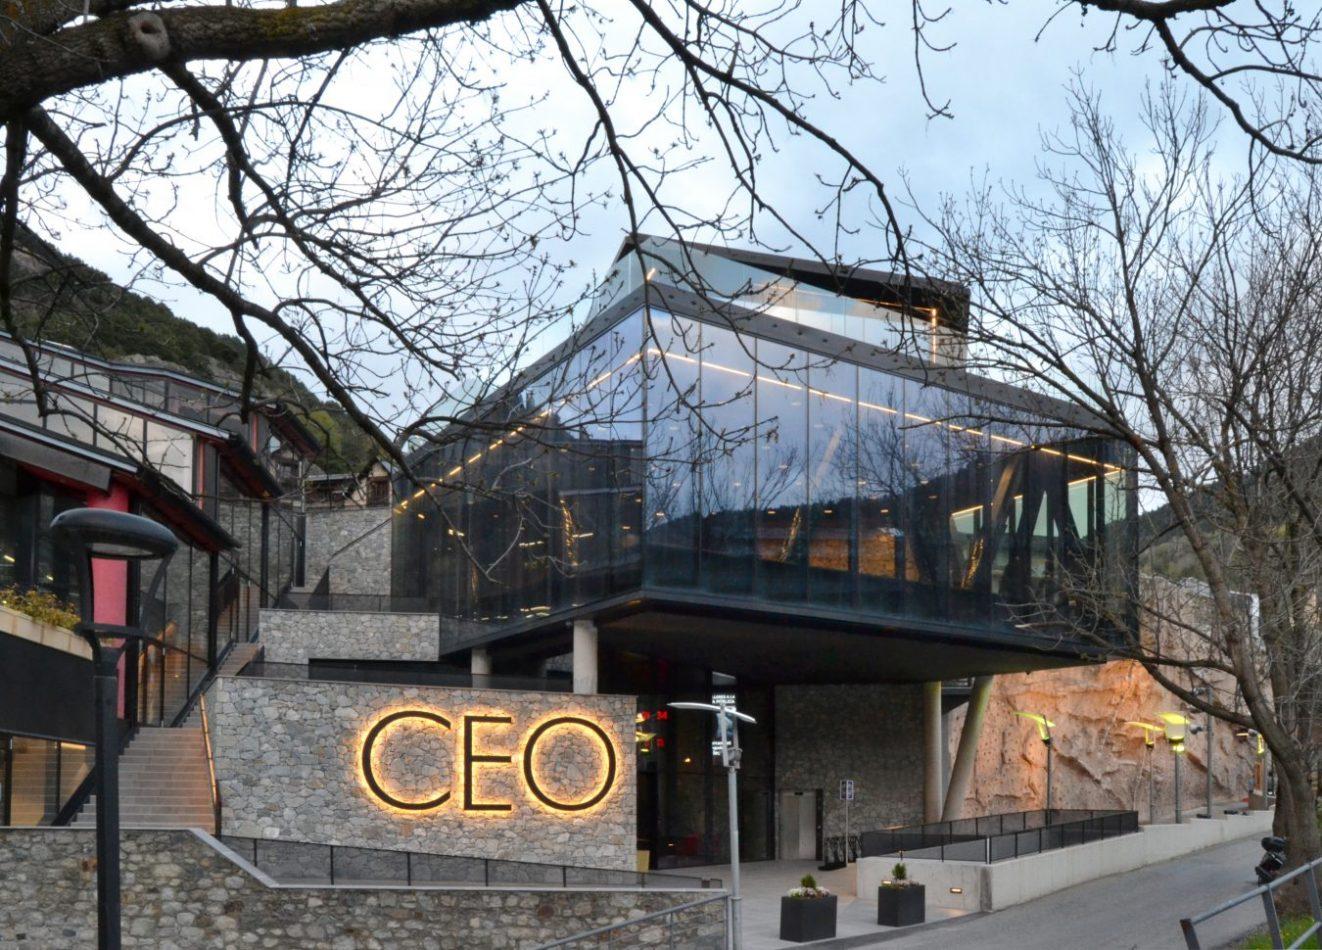 CEO - VISTA GENERAL